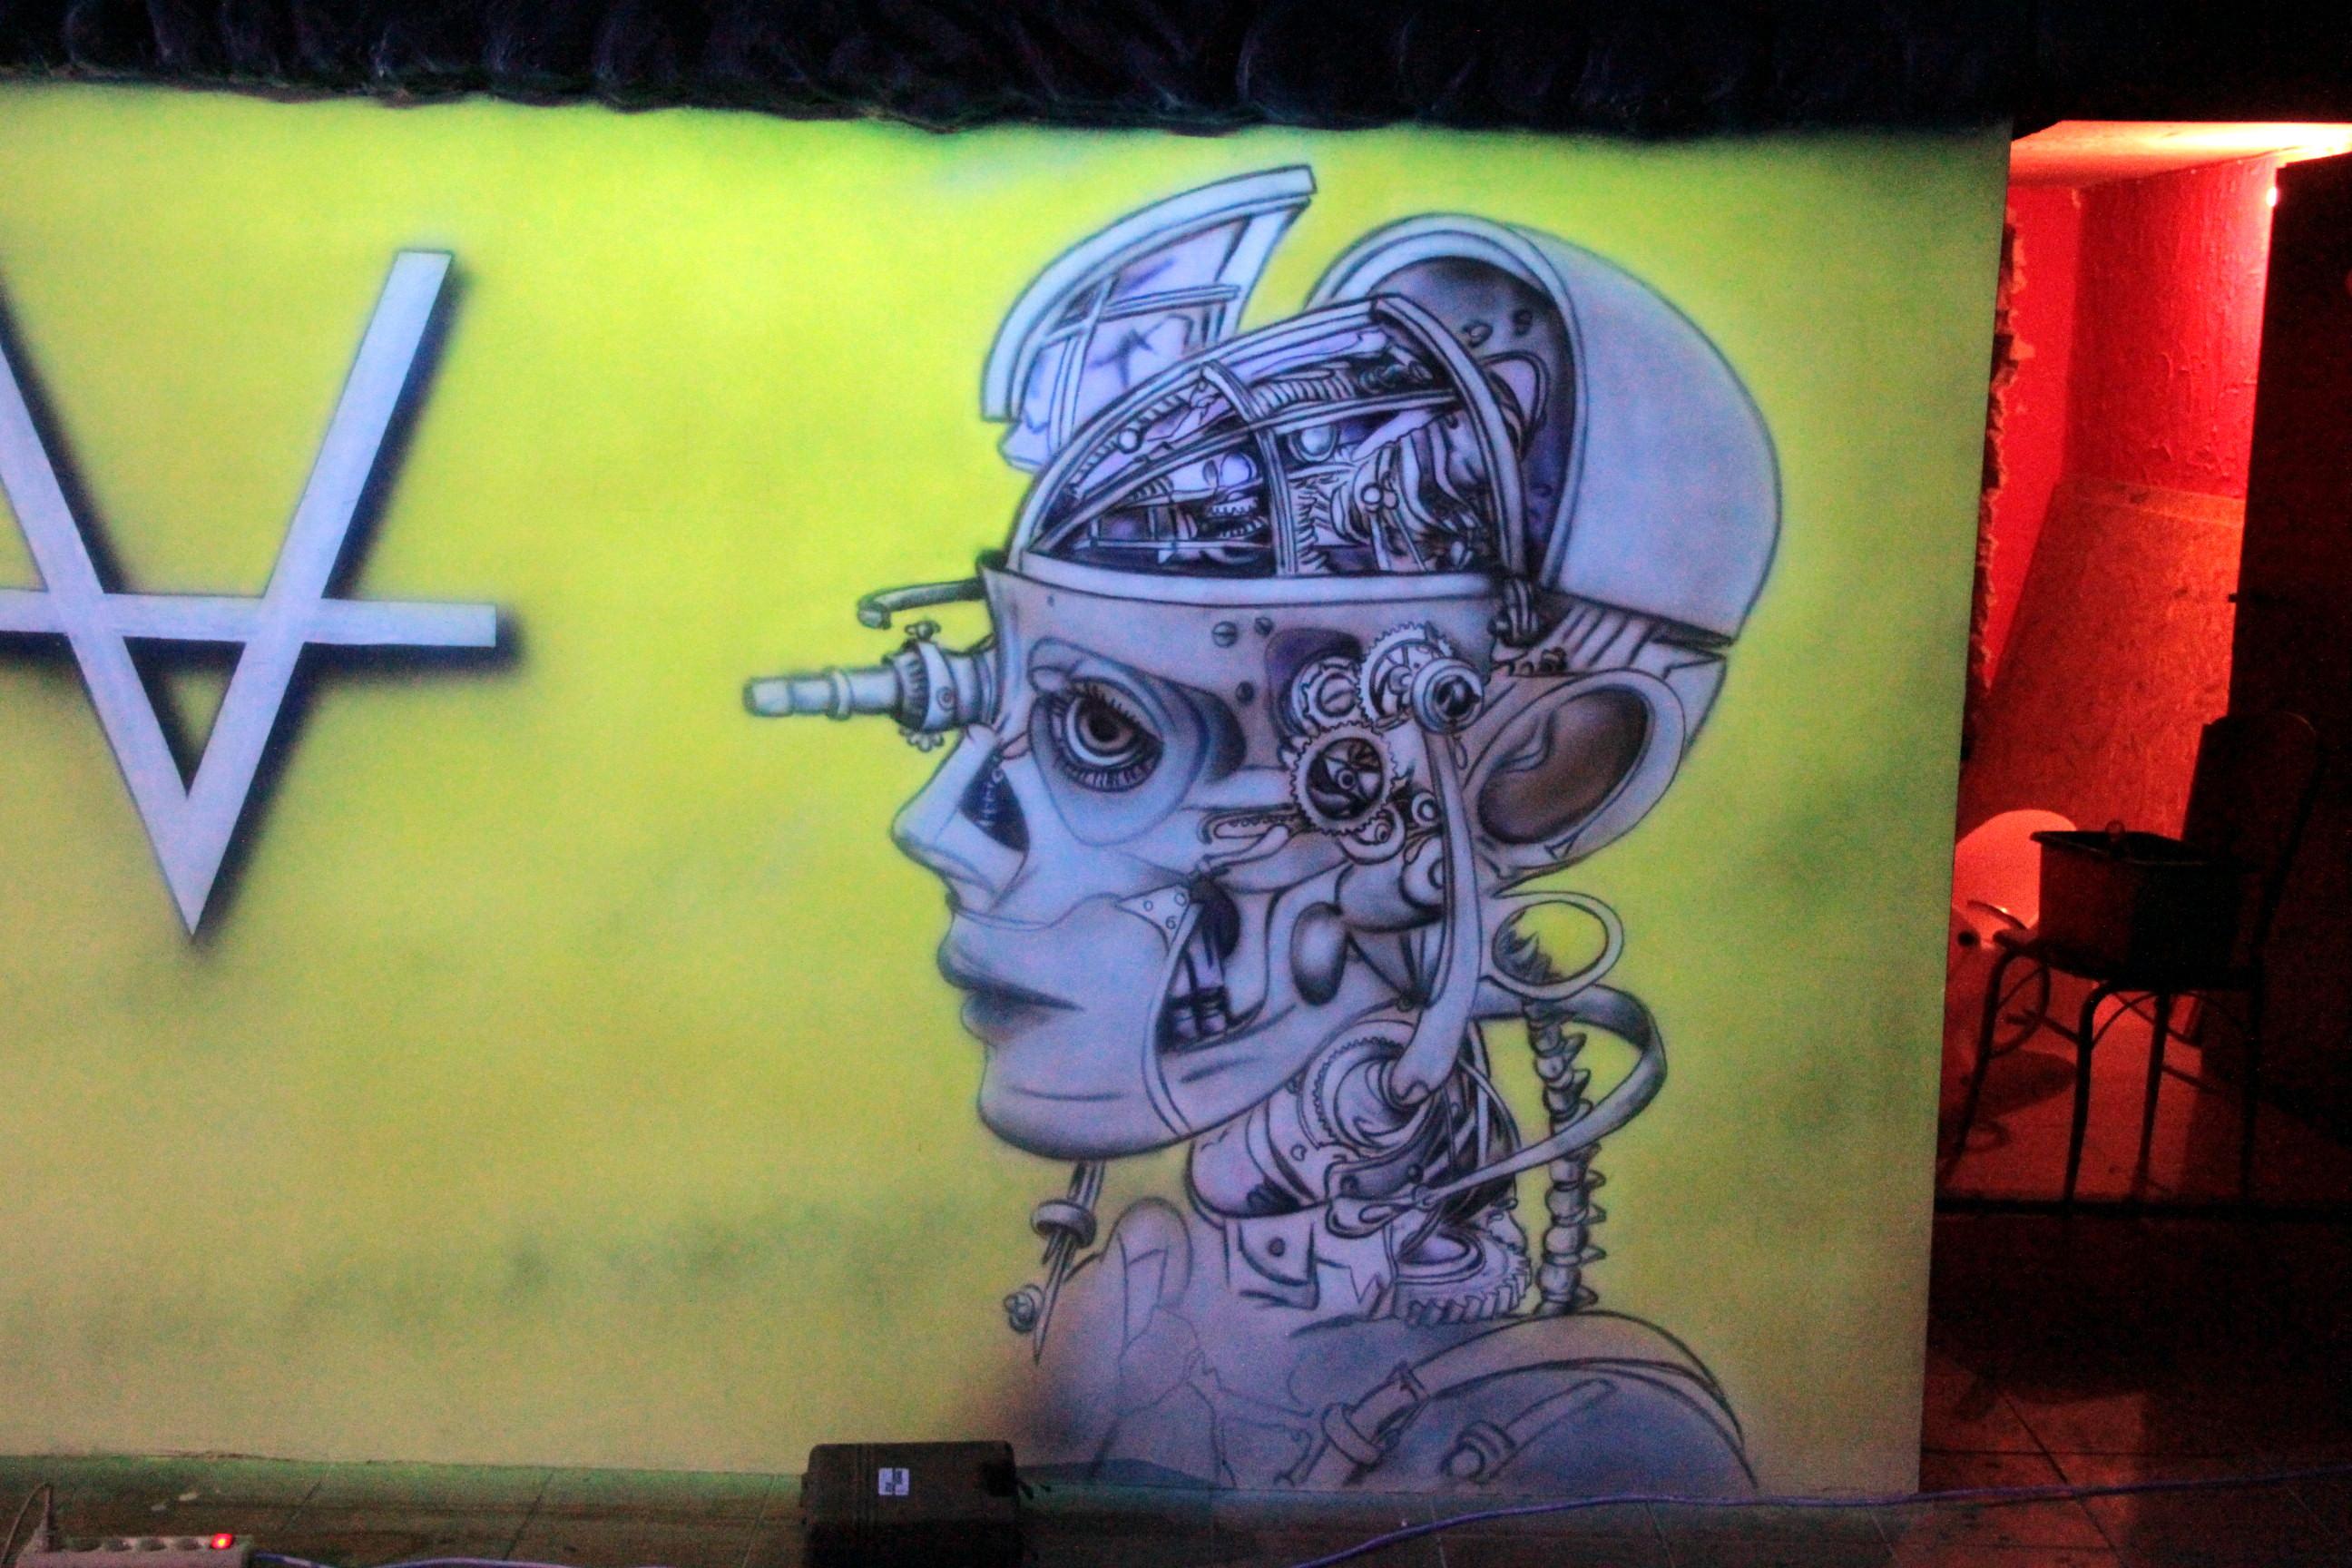 Nowoczesny wystrój klubu, malowanie farbami UV, grafitti w ultrafiolecie black light mural